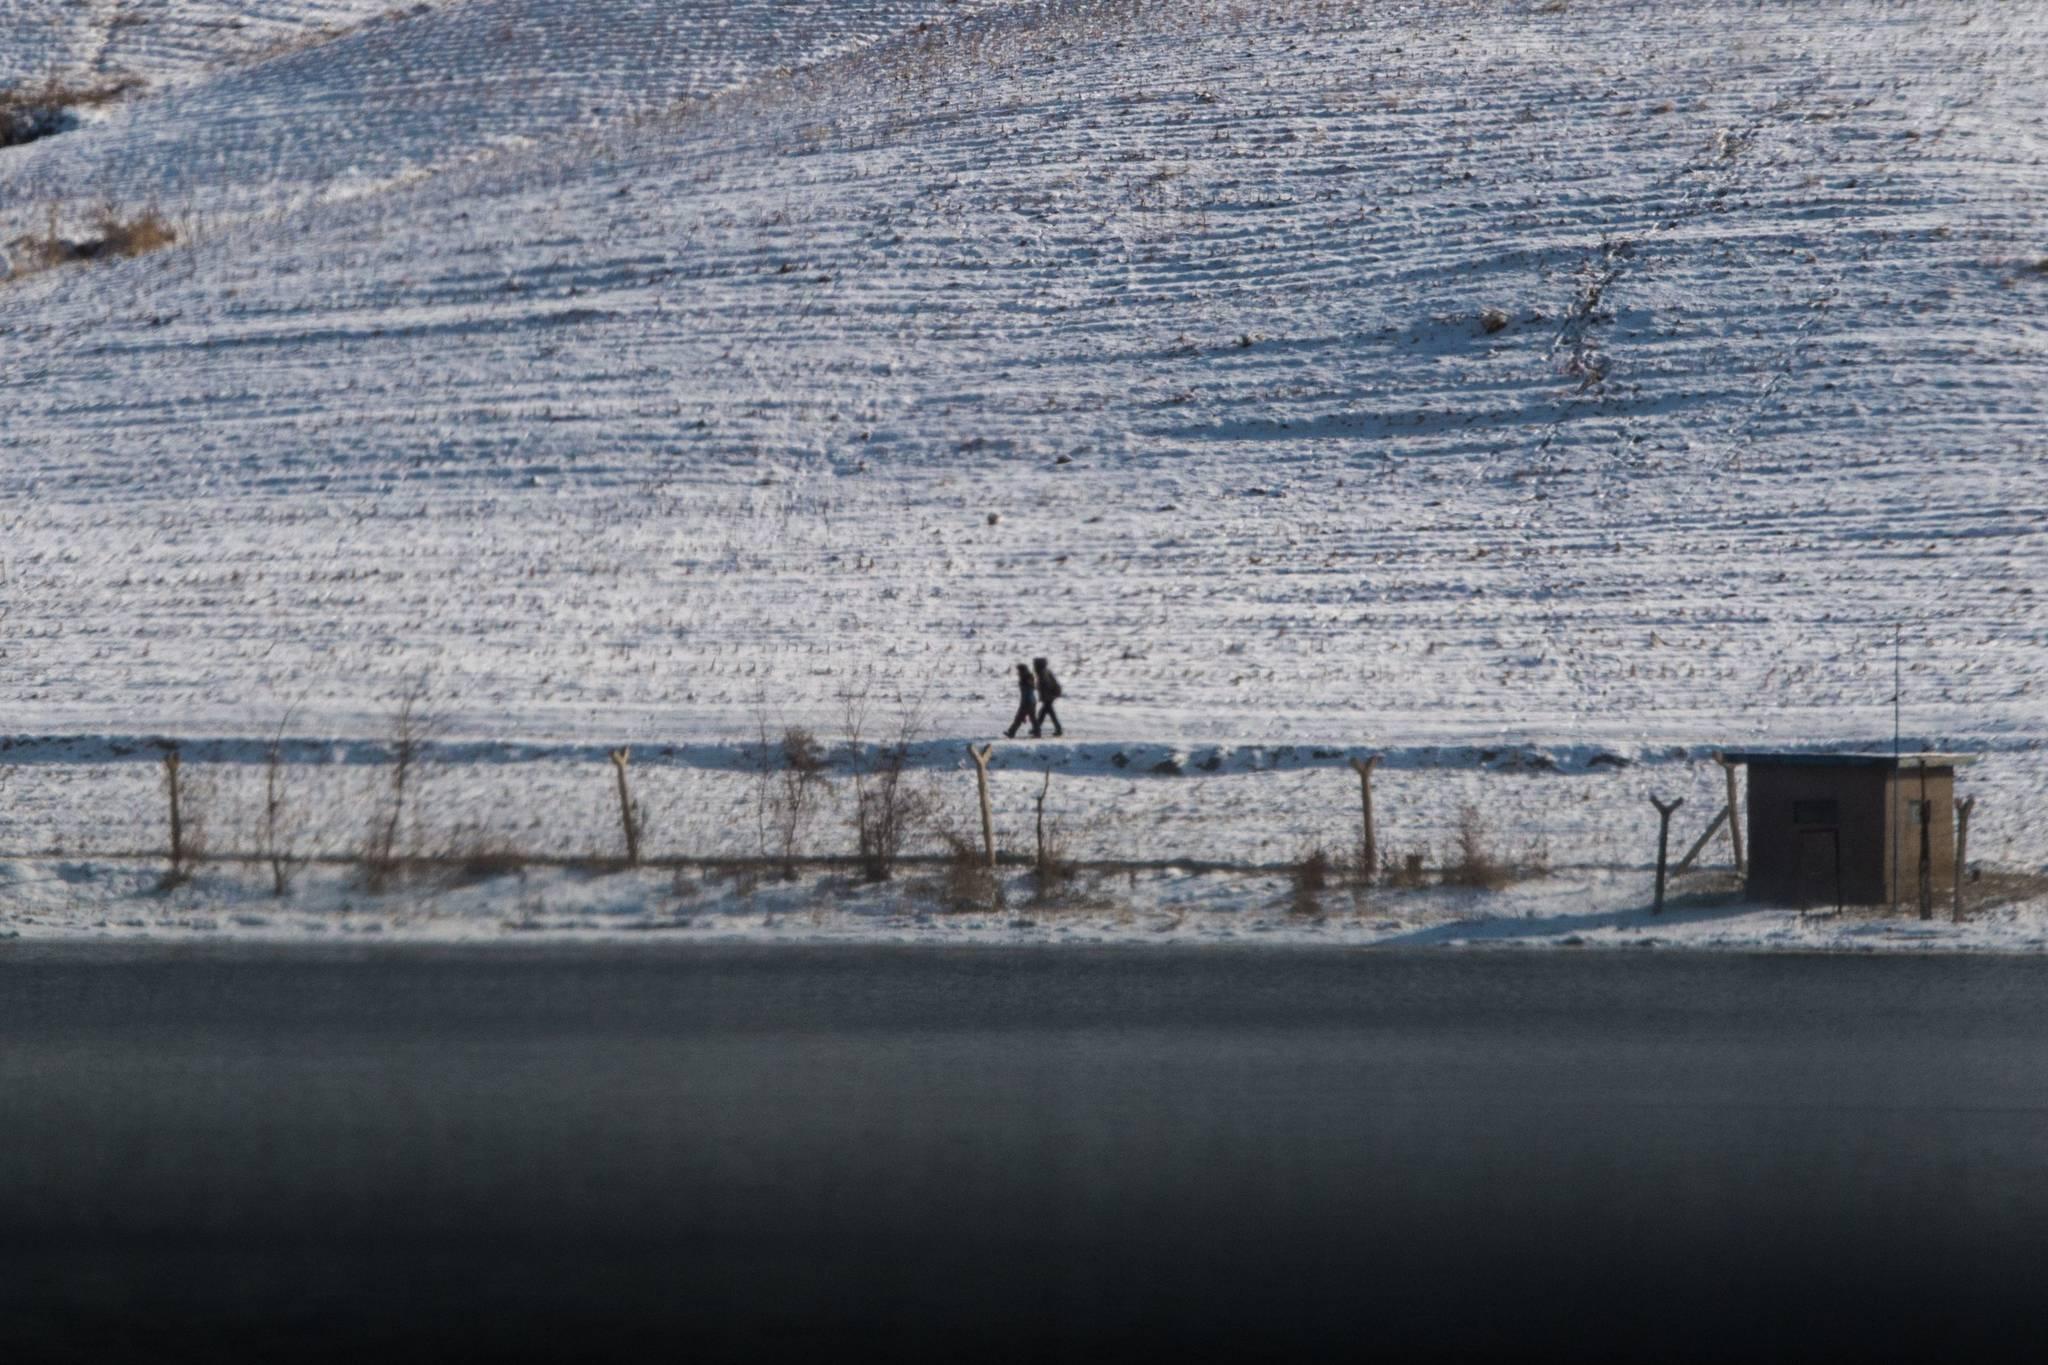 10일 북한 평안도 삭주군에서 주민이 눈 덮인 길을 걸어가고 있다. [AFP= 연합뉴스 ]